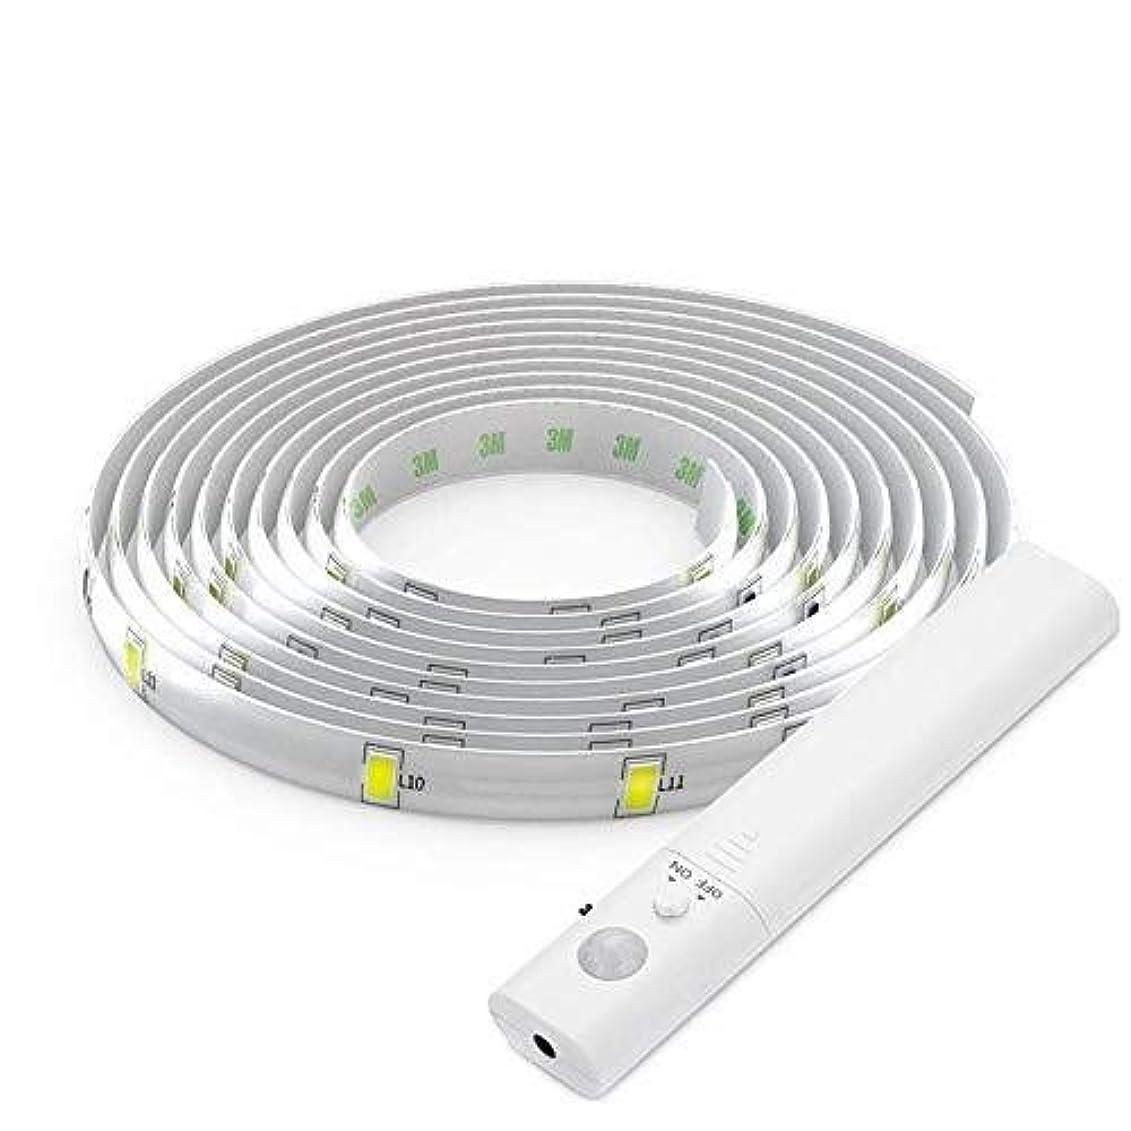 イデオロギー保持抵抗するHVTKLN モーションセンサーキャビネットライト、LEDライトバーキャビネットライト、柔軟な1M LEDライトストリップ/ 3000K暖かい白色光/バッテリー駆動LEDウォールライトキャビネット、階段、引き出し、キャビネット HVTKLN